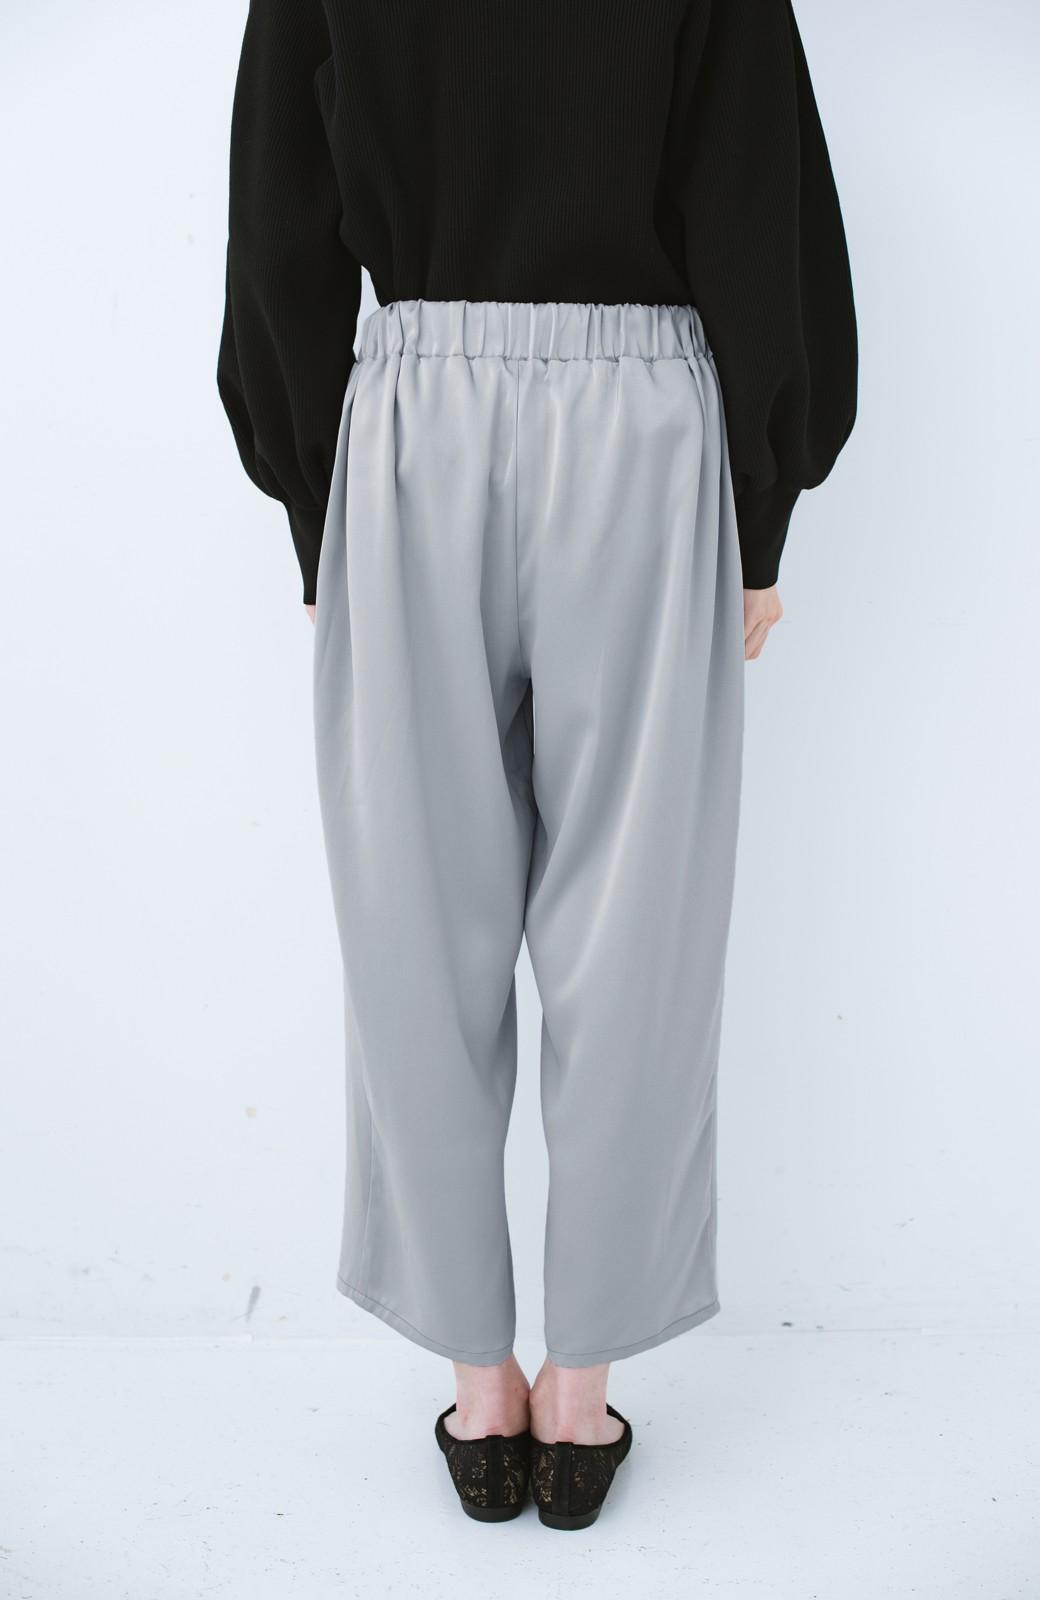 haco! パンツ派さんのデート着 プリーツスカート風にもなる華やかパンツセット <ライトブルーグレー>の商品写真10